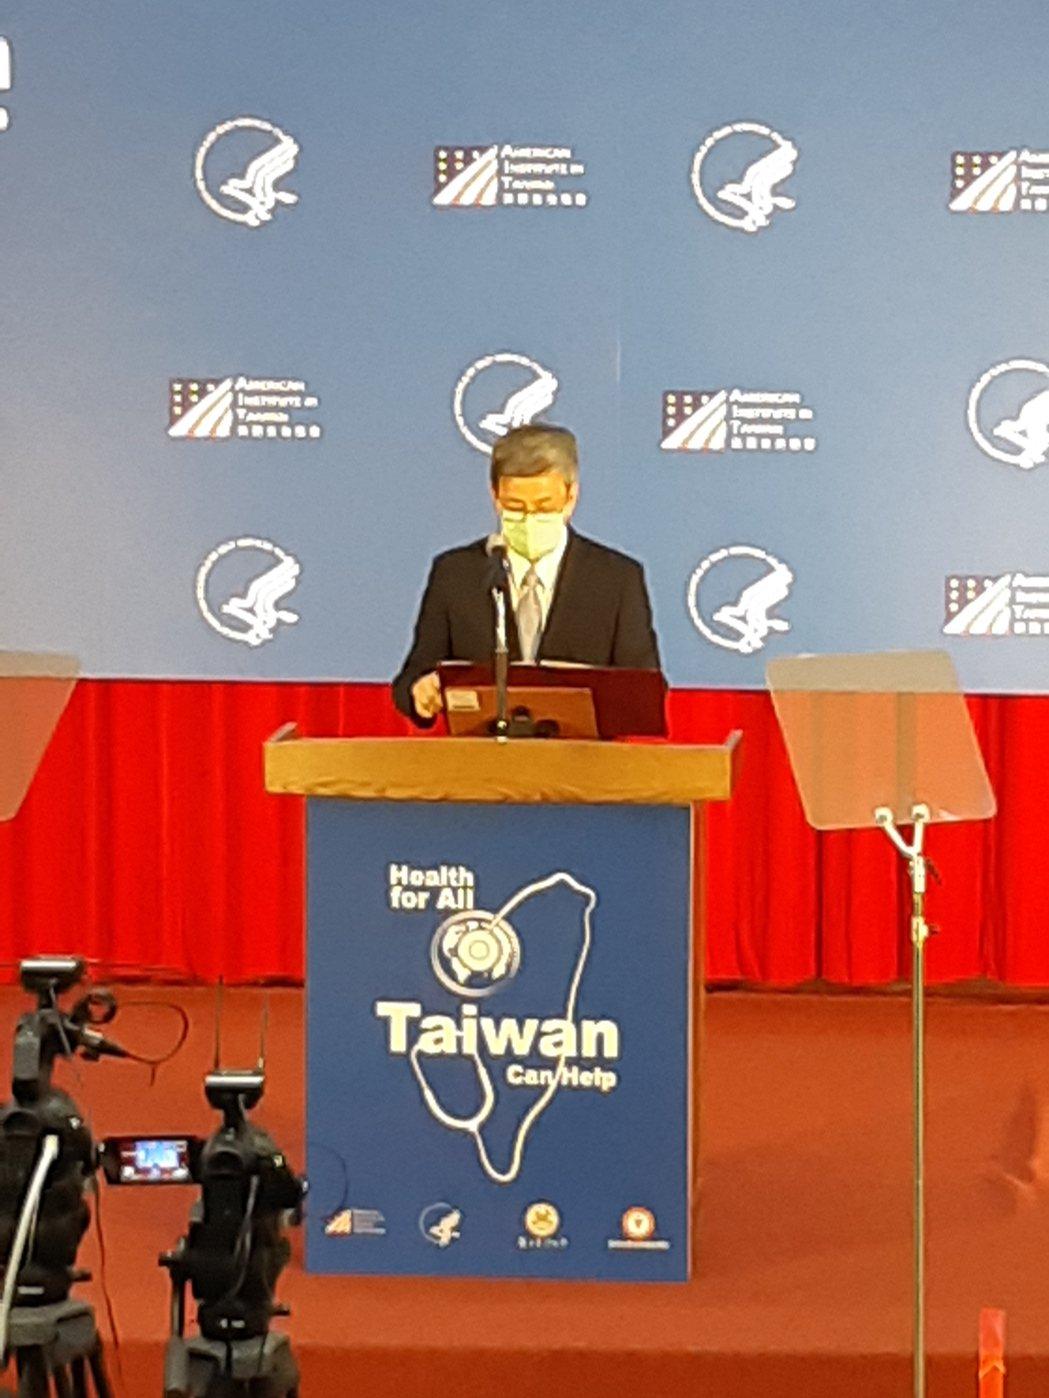 美國衛生部長阿查爾今下午在台灣大學公共衛生學院演講,演說開始前,中研院院士、前副...